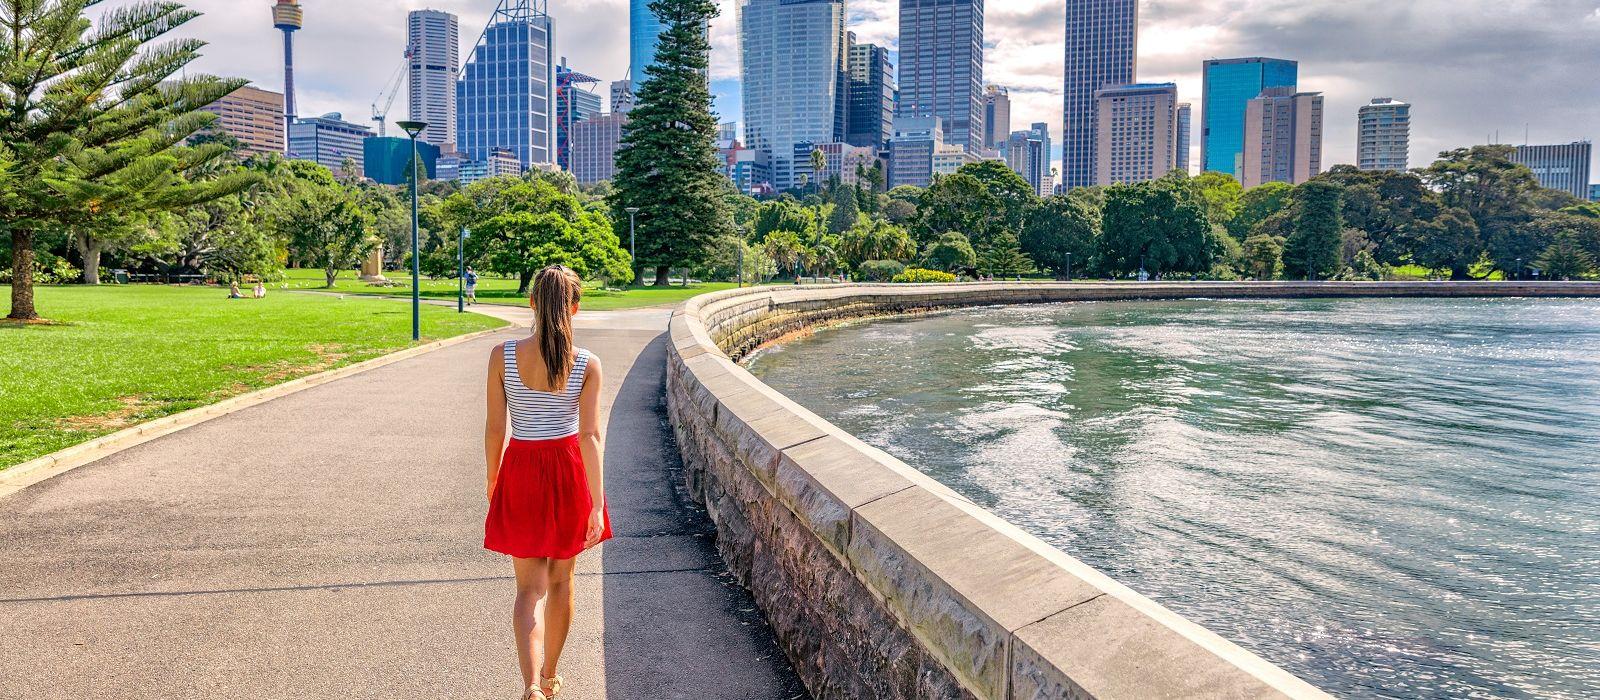 Australien: Metropolen, Nationalparks & Strände Urlaub 6